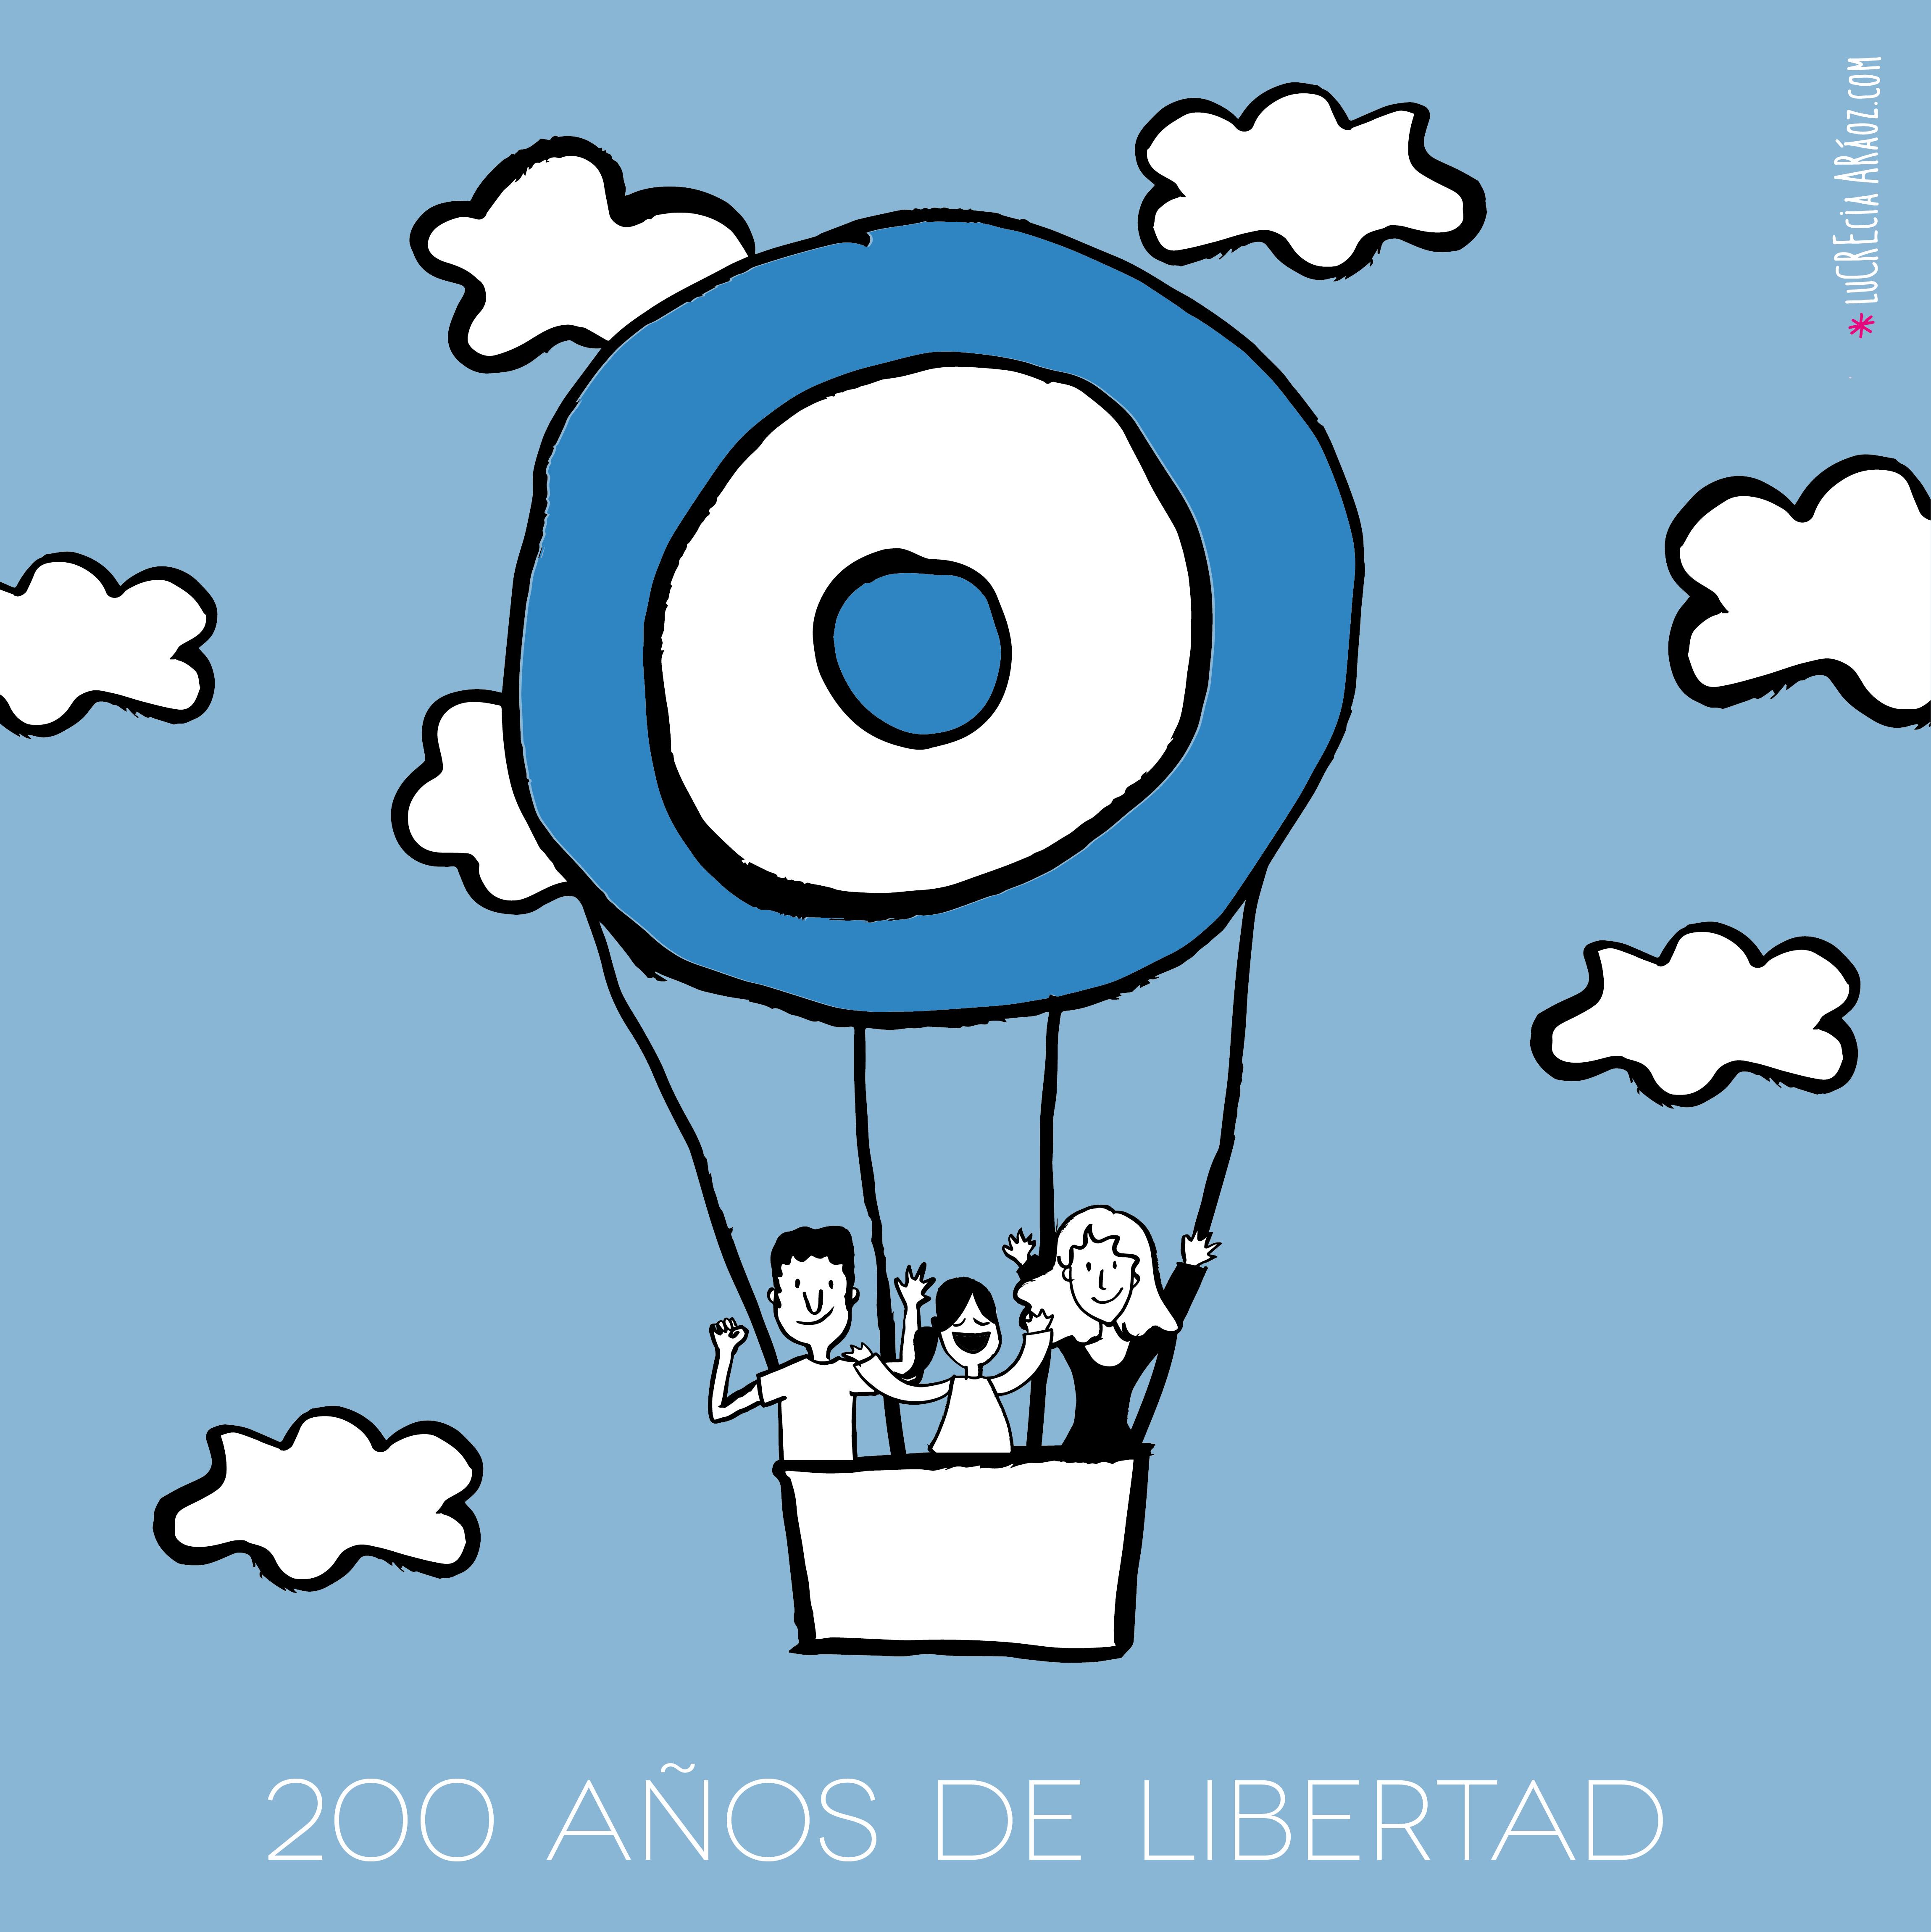 Bicentenario - Argentina 200 años de